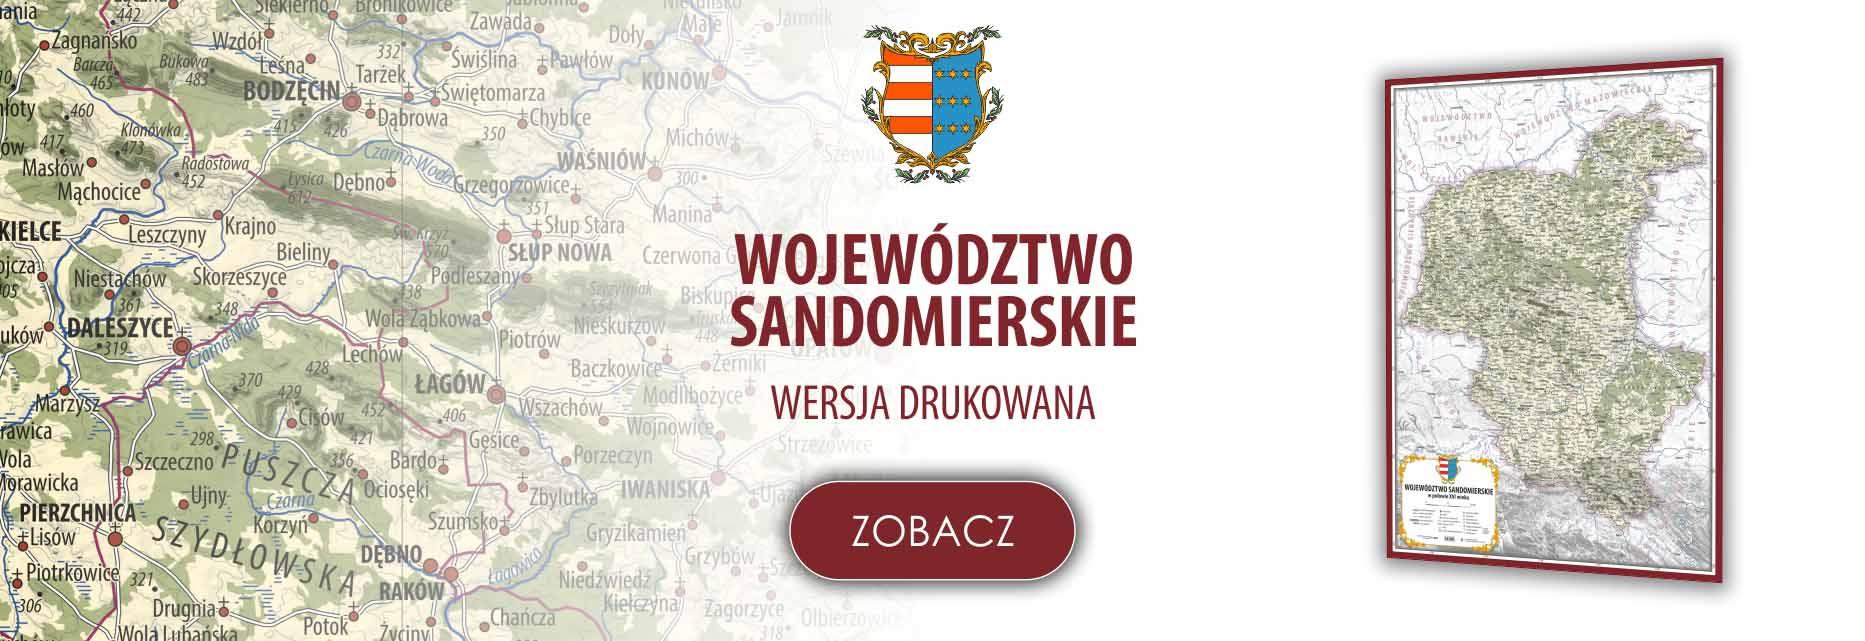 Województwo sandomierskie w poł. XVI w.